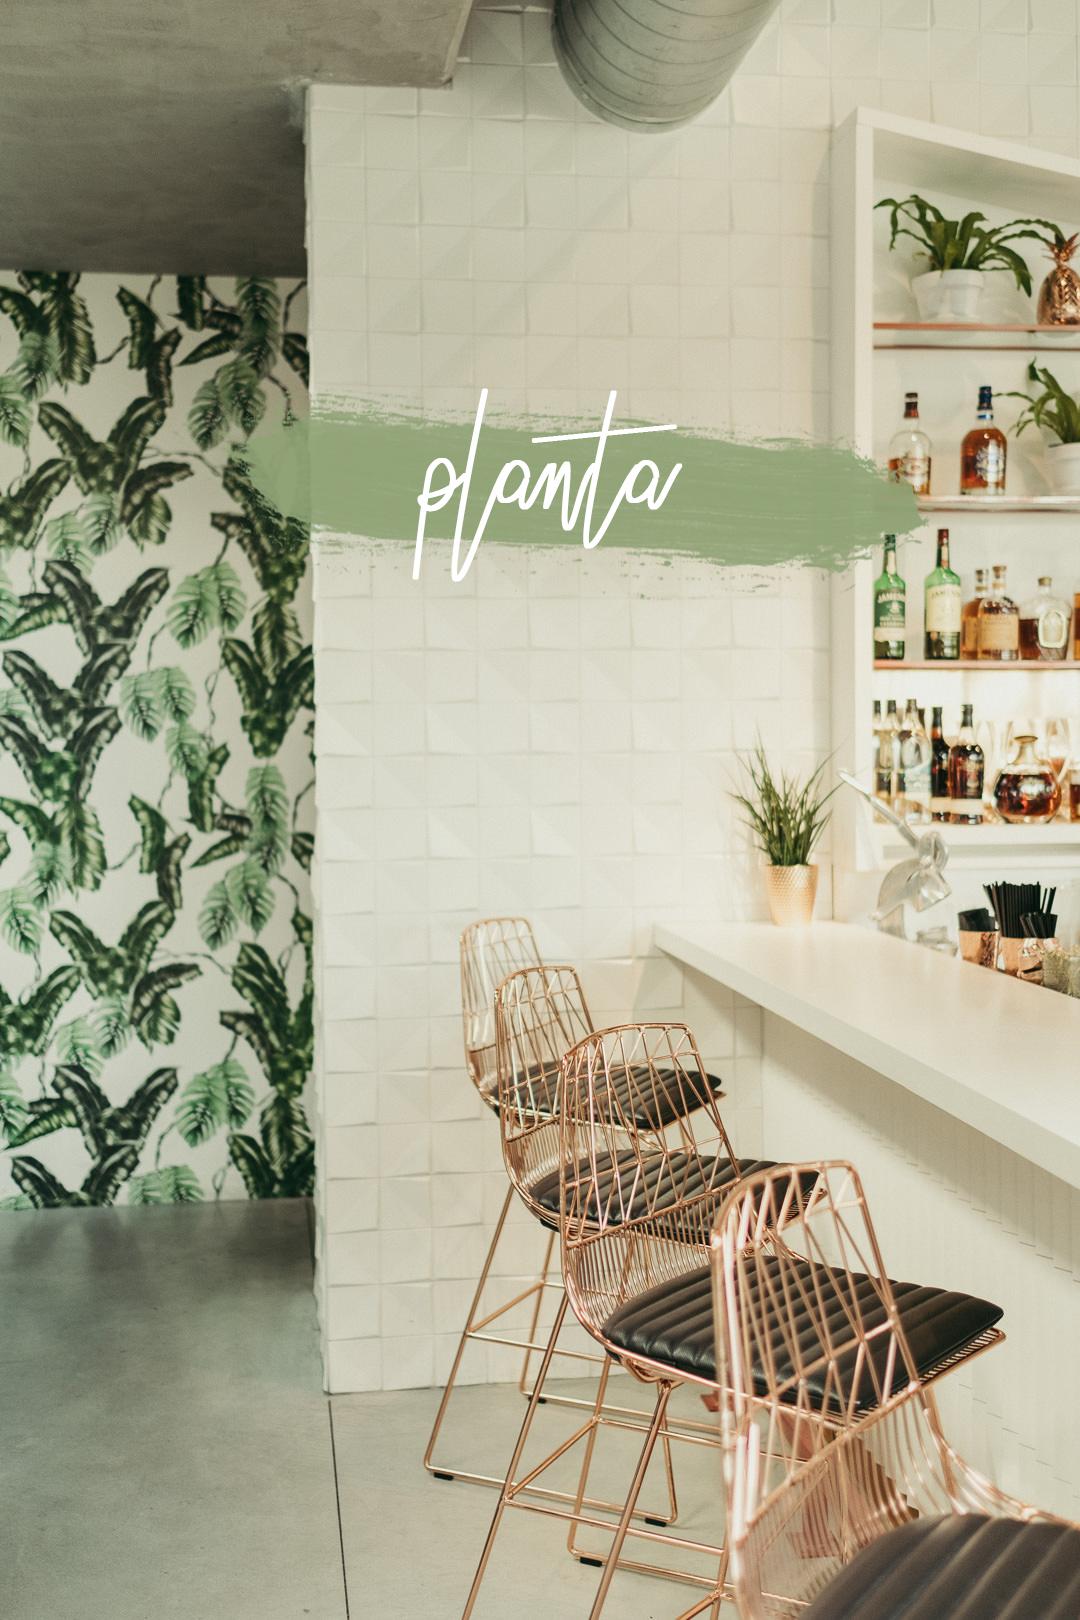 Planta - Miami Vegan Restaurant - Ali Happer Photo_32 copy.jpg